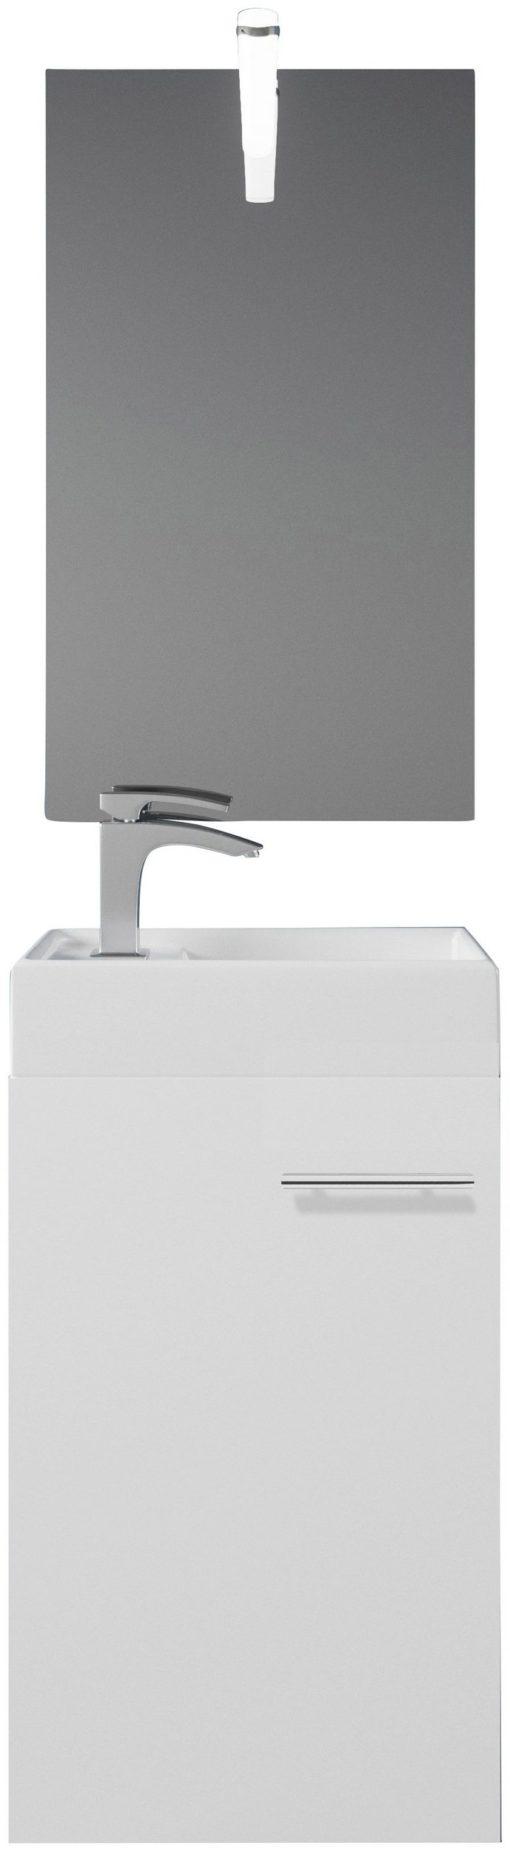 Białe meble do łazienki: lustro i szafka z umywalką